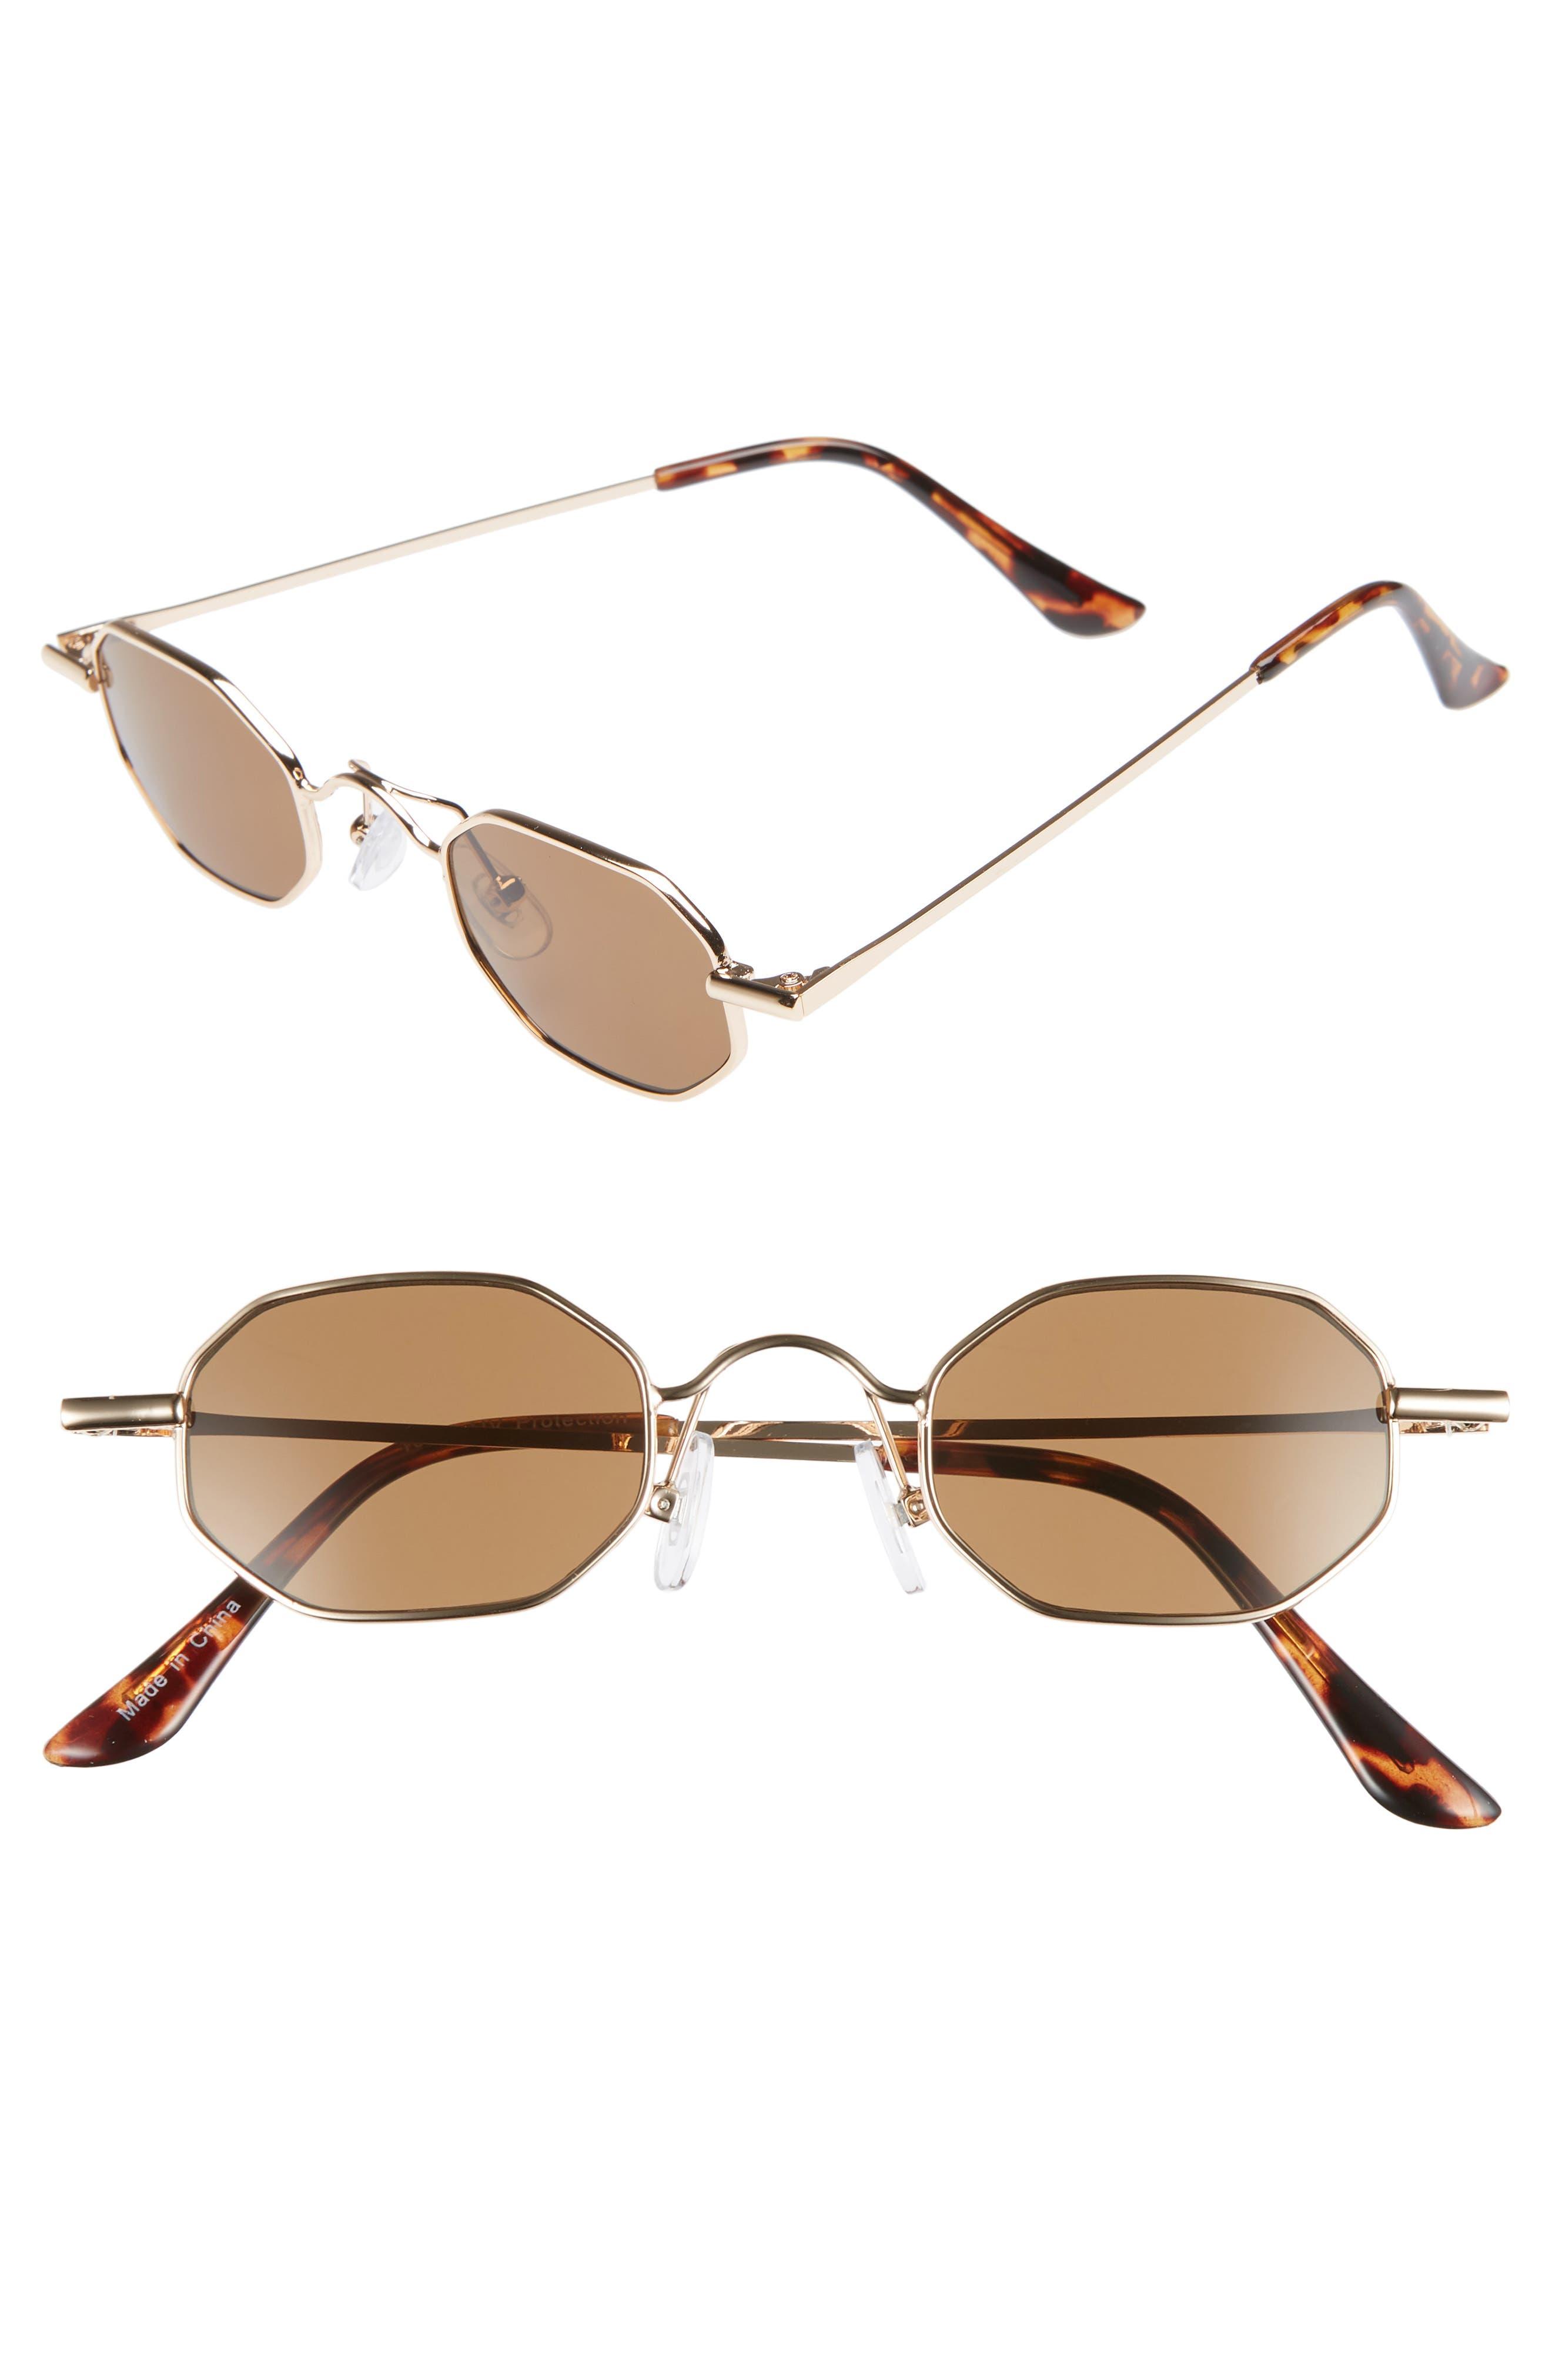 40mm Mini Hexagon Sunglasses,                         Main,                         color, BROWN GOLD